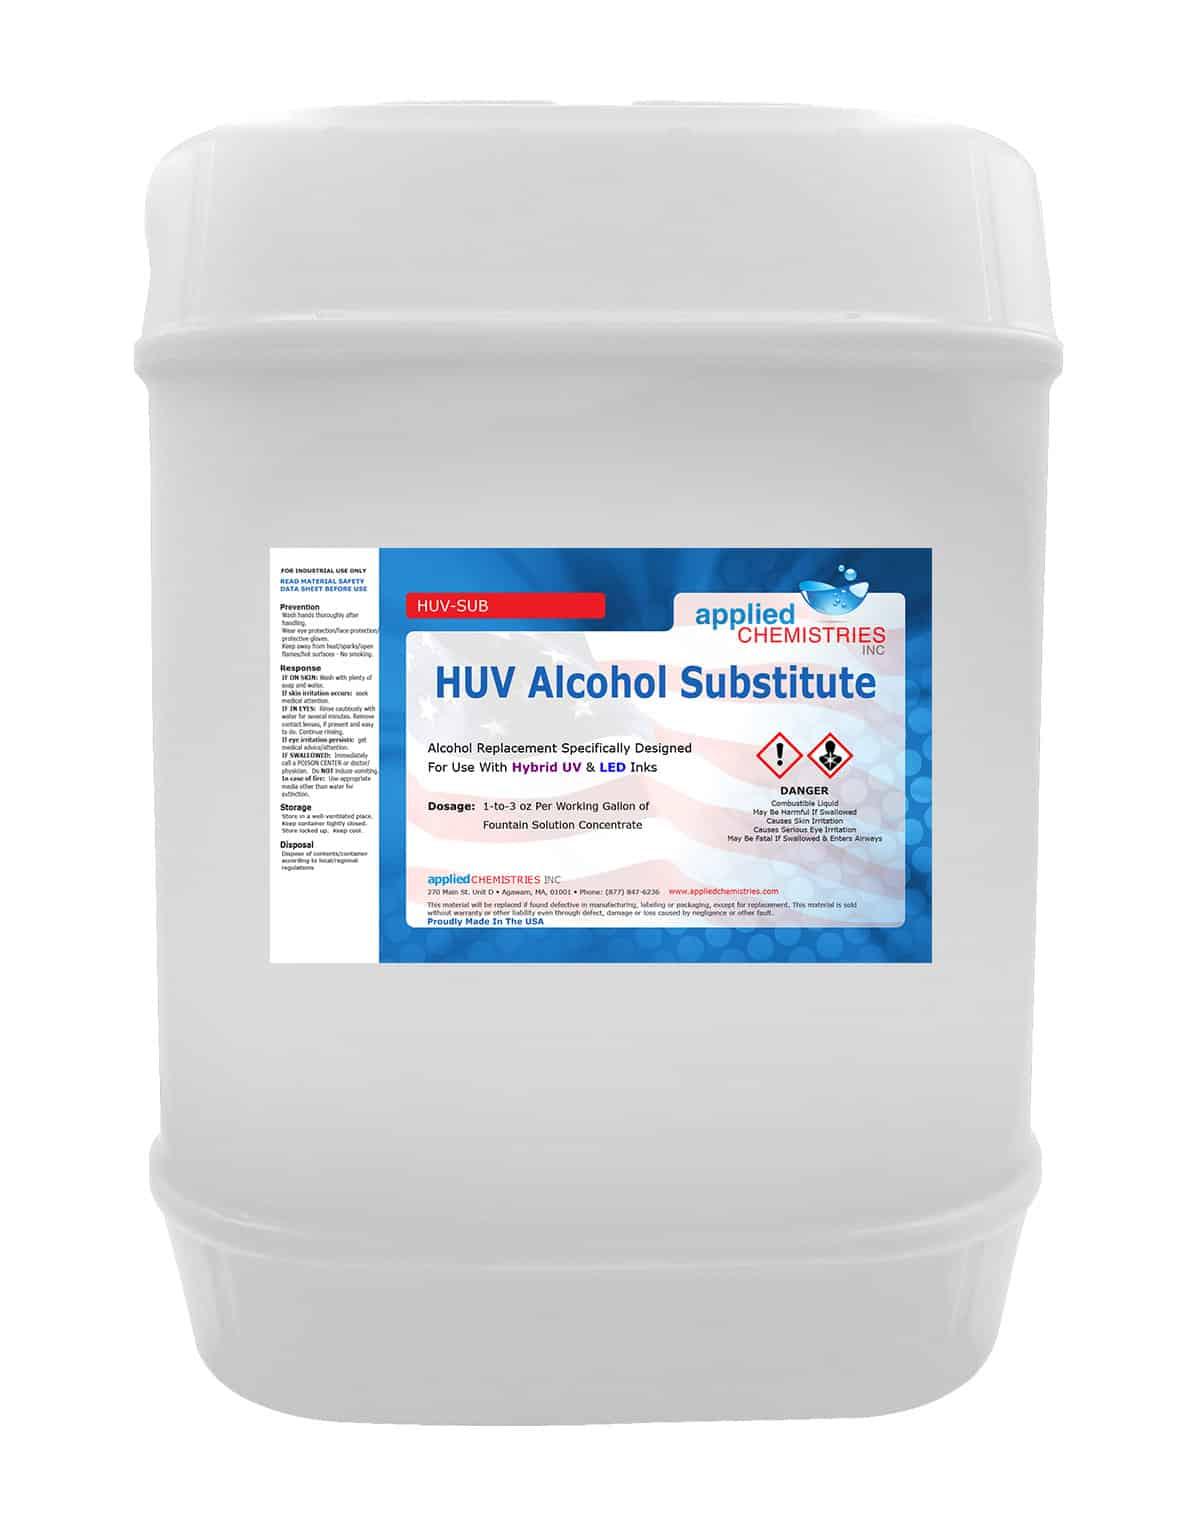 MP H-UV / LED SUB (Alcohol Substitute)